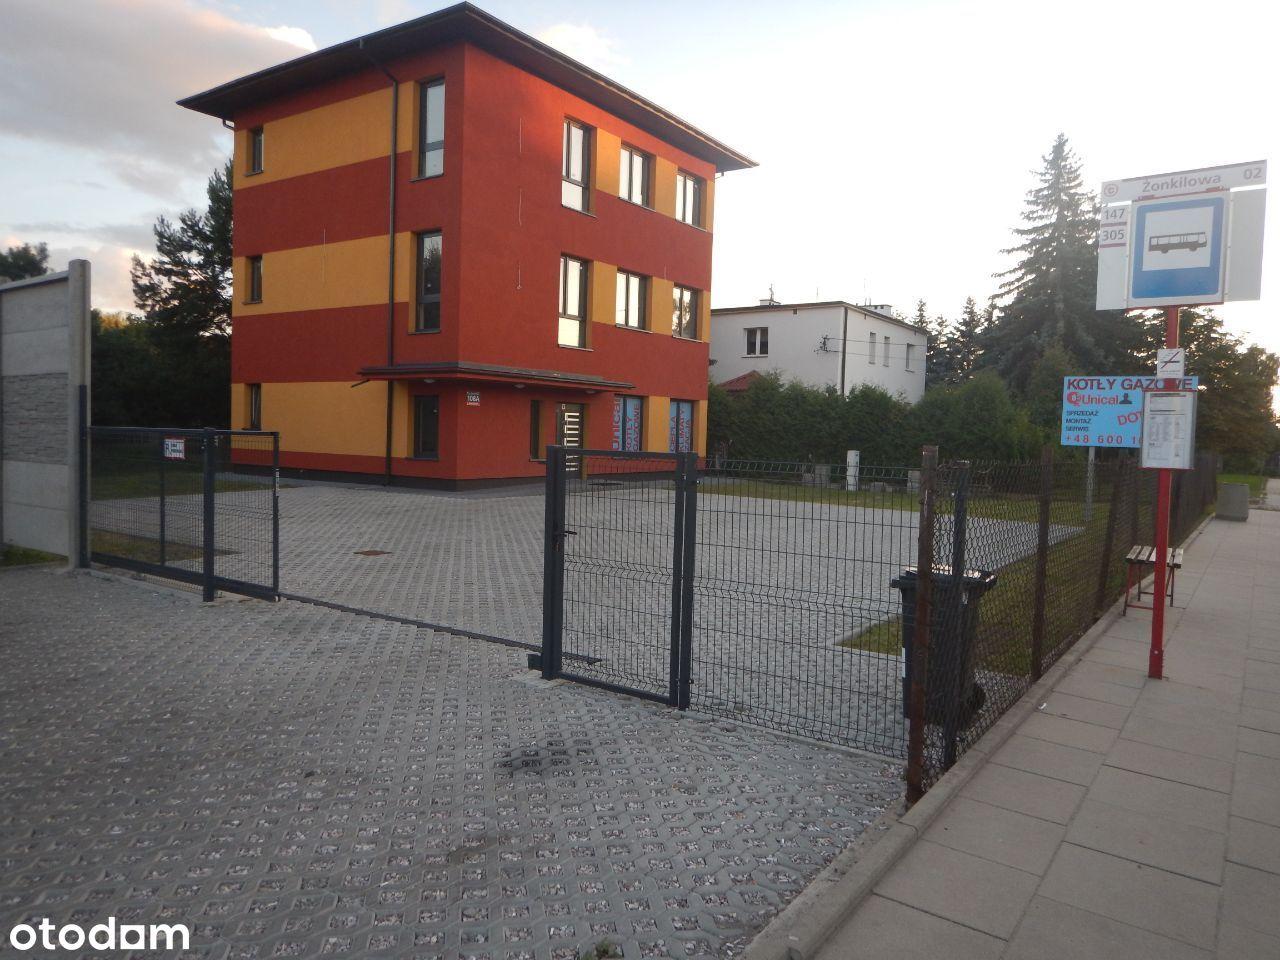 Lokal użytkowy/mieszkalny Warszawa/Wawer/Zwoleńska